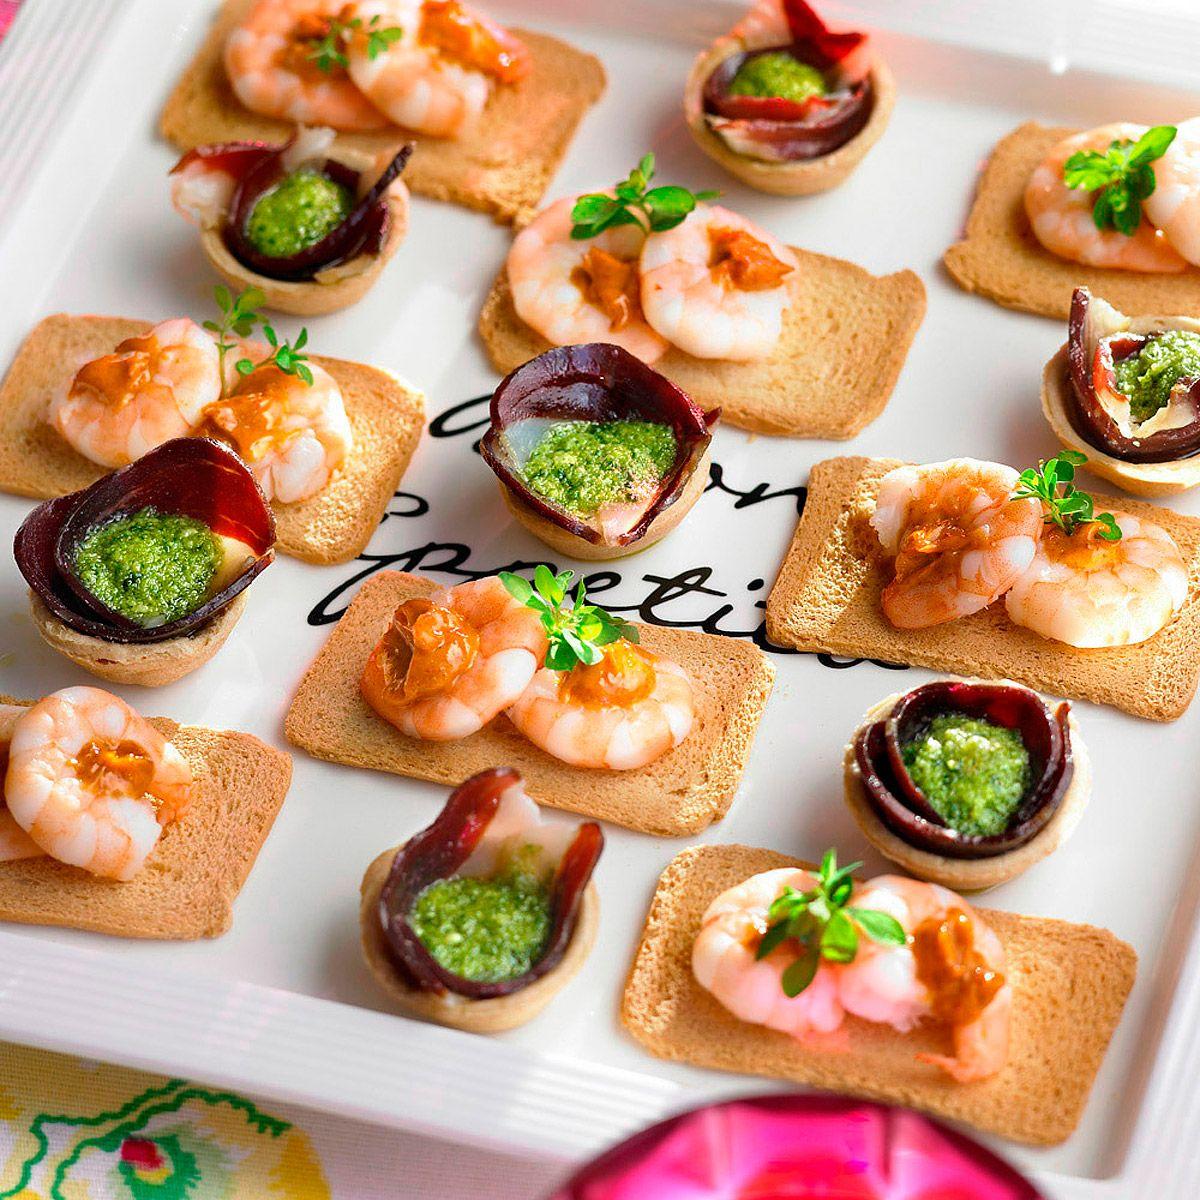 Canap s de langostinos con mayonesa de piment n recipe for Recetas para canape